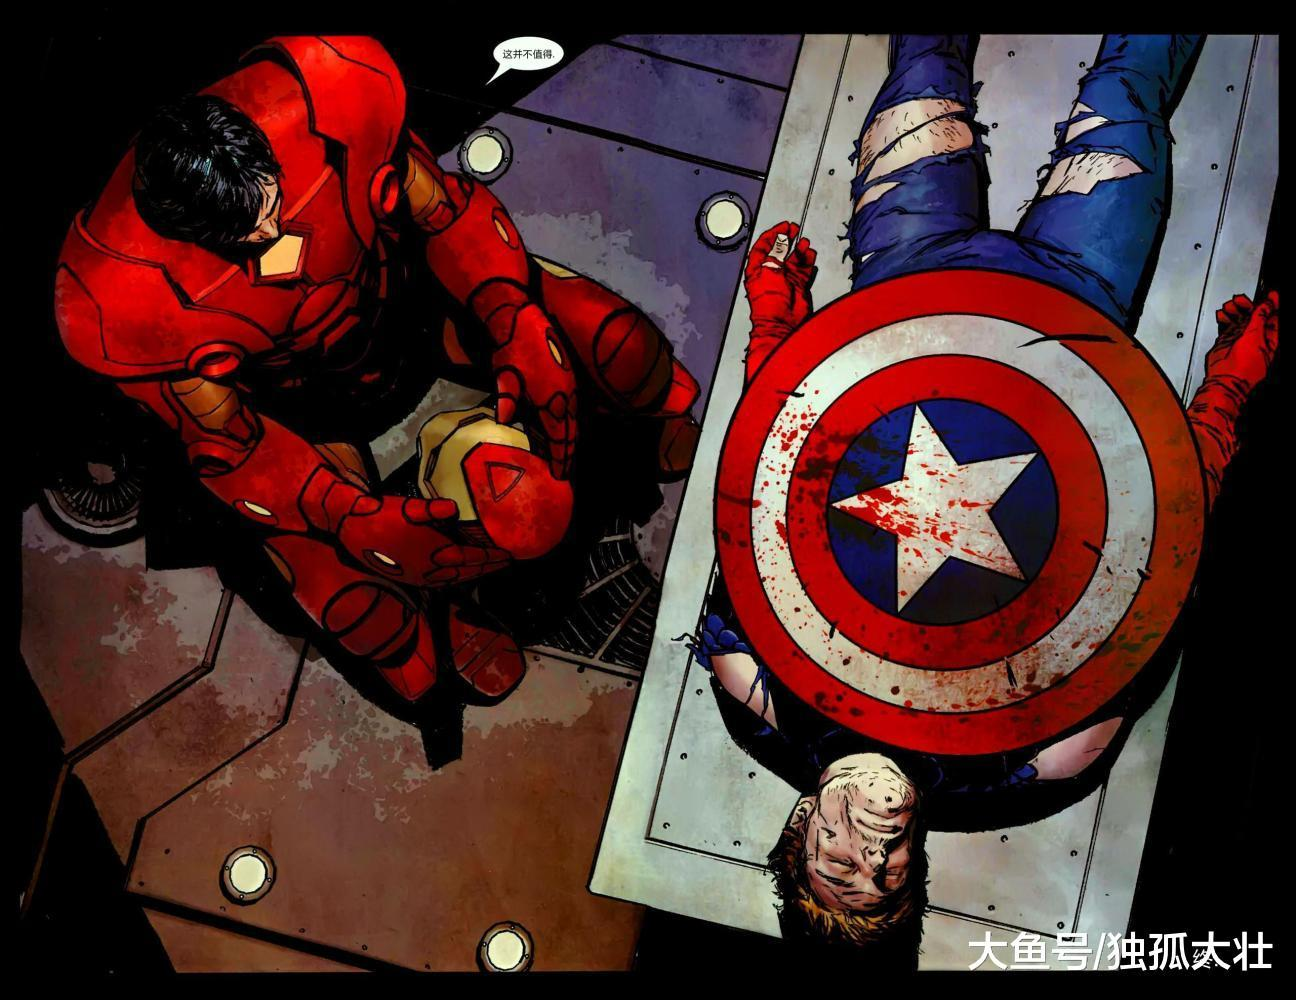 《内战》钢铁侠和美国队长的矛盾究竟在哪? 托尼只能选择妥协!